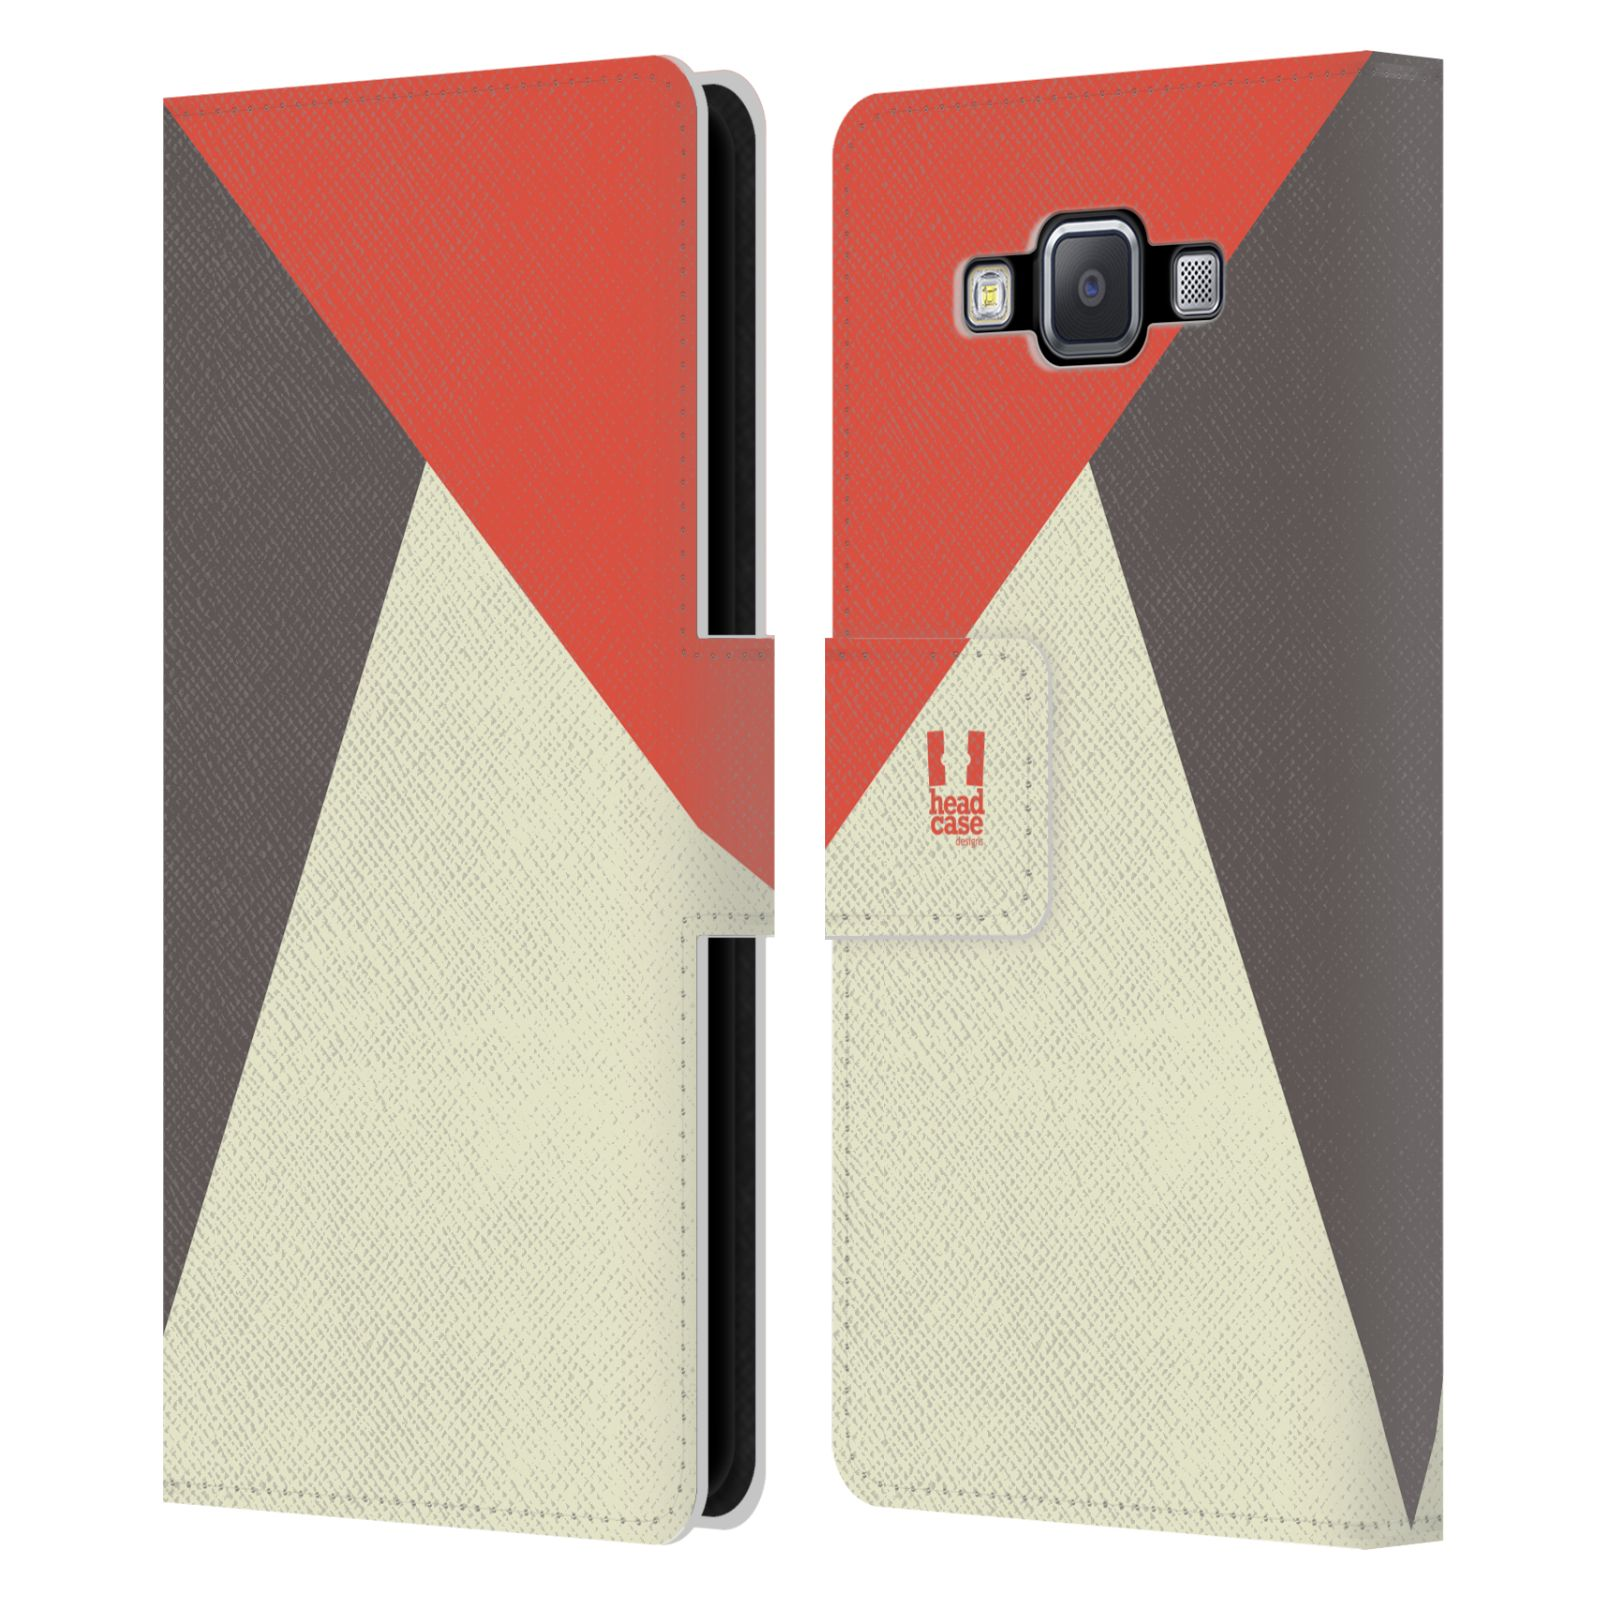 HEAD CASE Flipové pouzdro pro mobil Samsung Galaxy A5 barevné tvary červená a šedá COOL